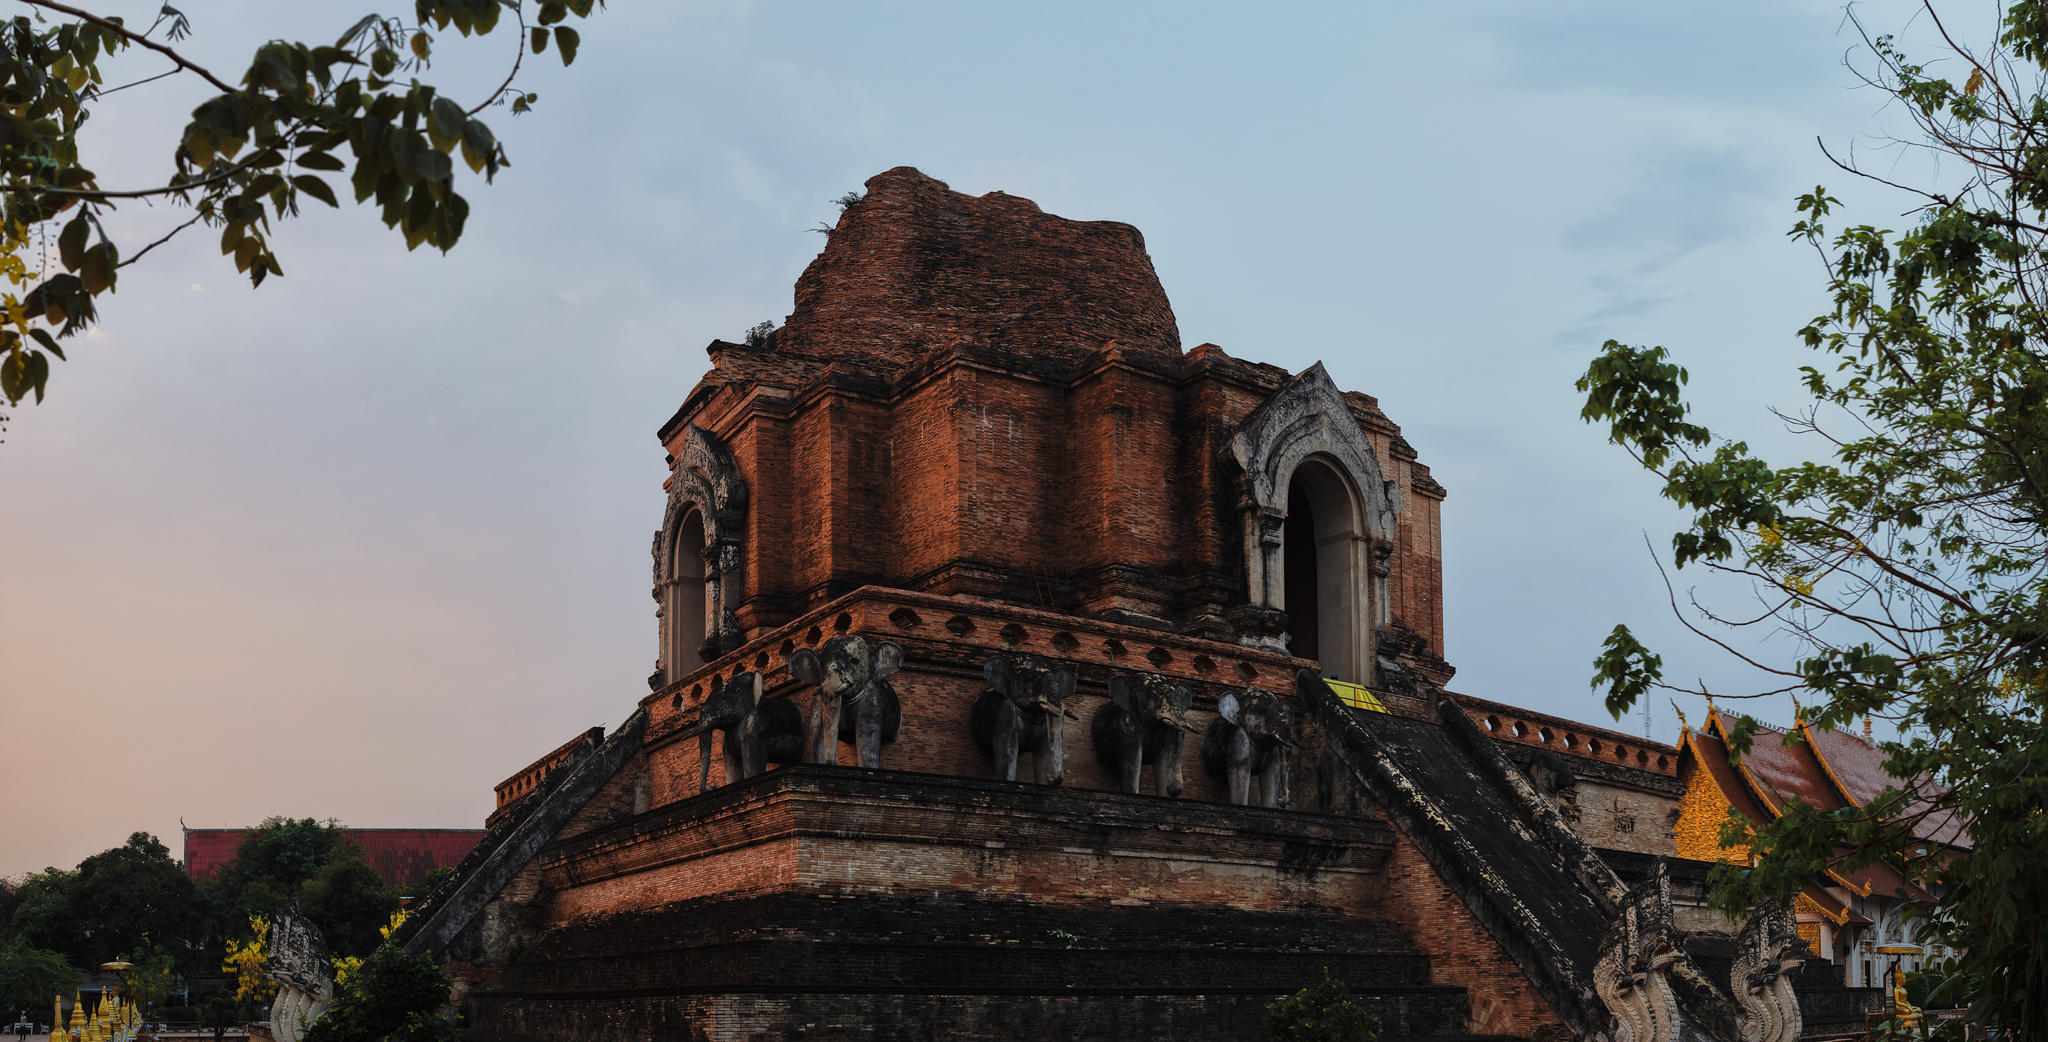 Wat Chedi Luang - Things to do in Chiang Mai